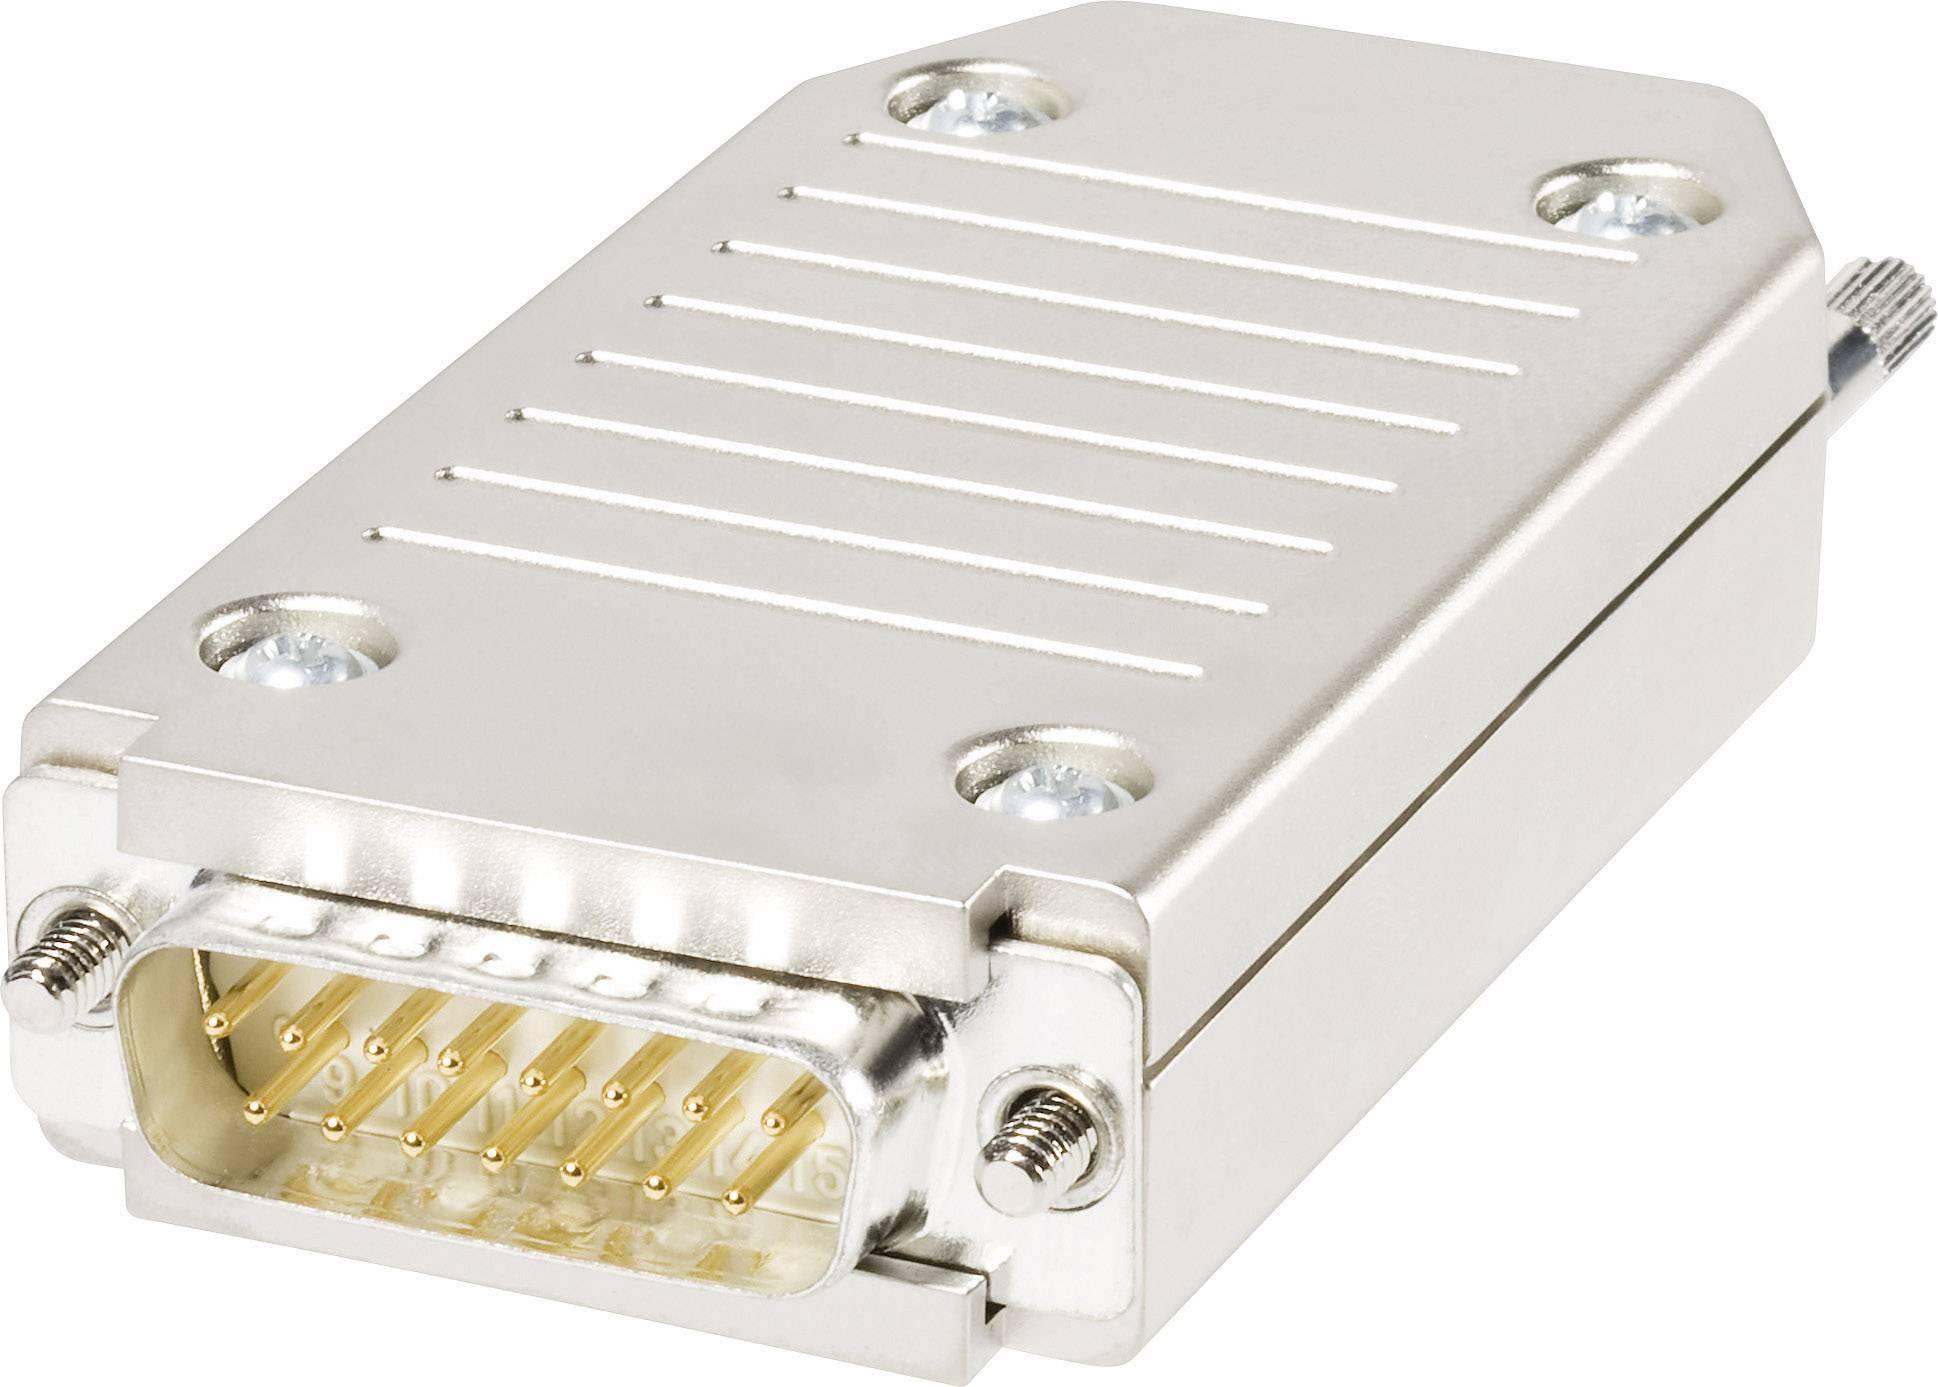 D-SUB zástrčka Knorr Tec 10015820, 180 °, počet pinov 15, pružinová svorka, 1 ks